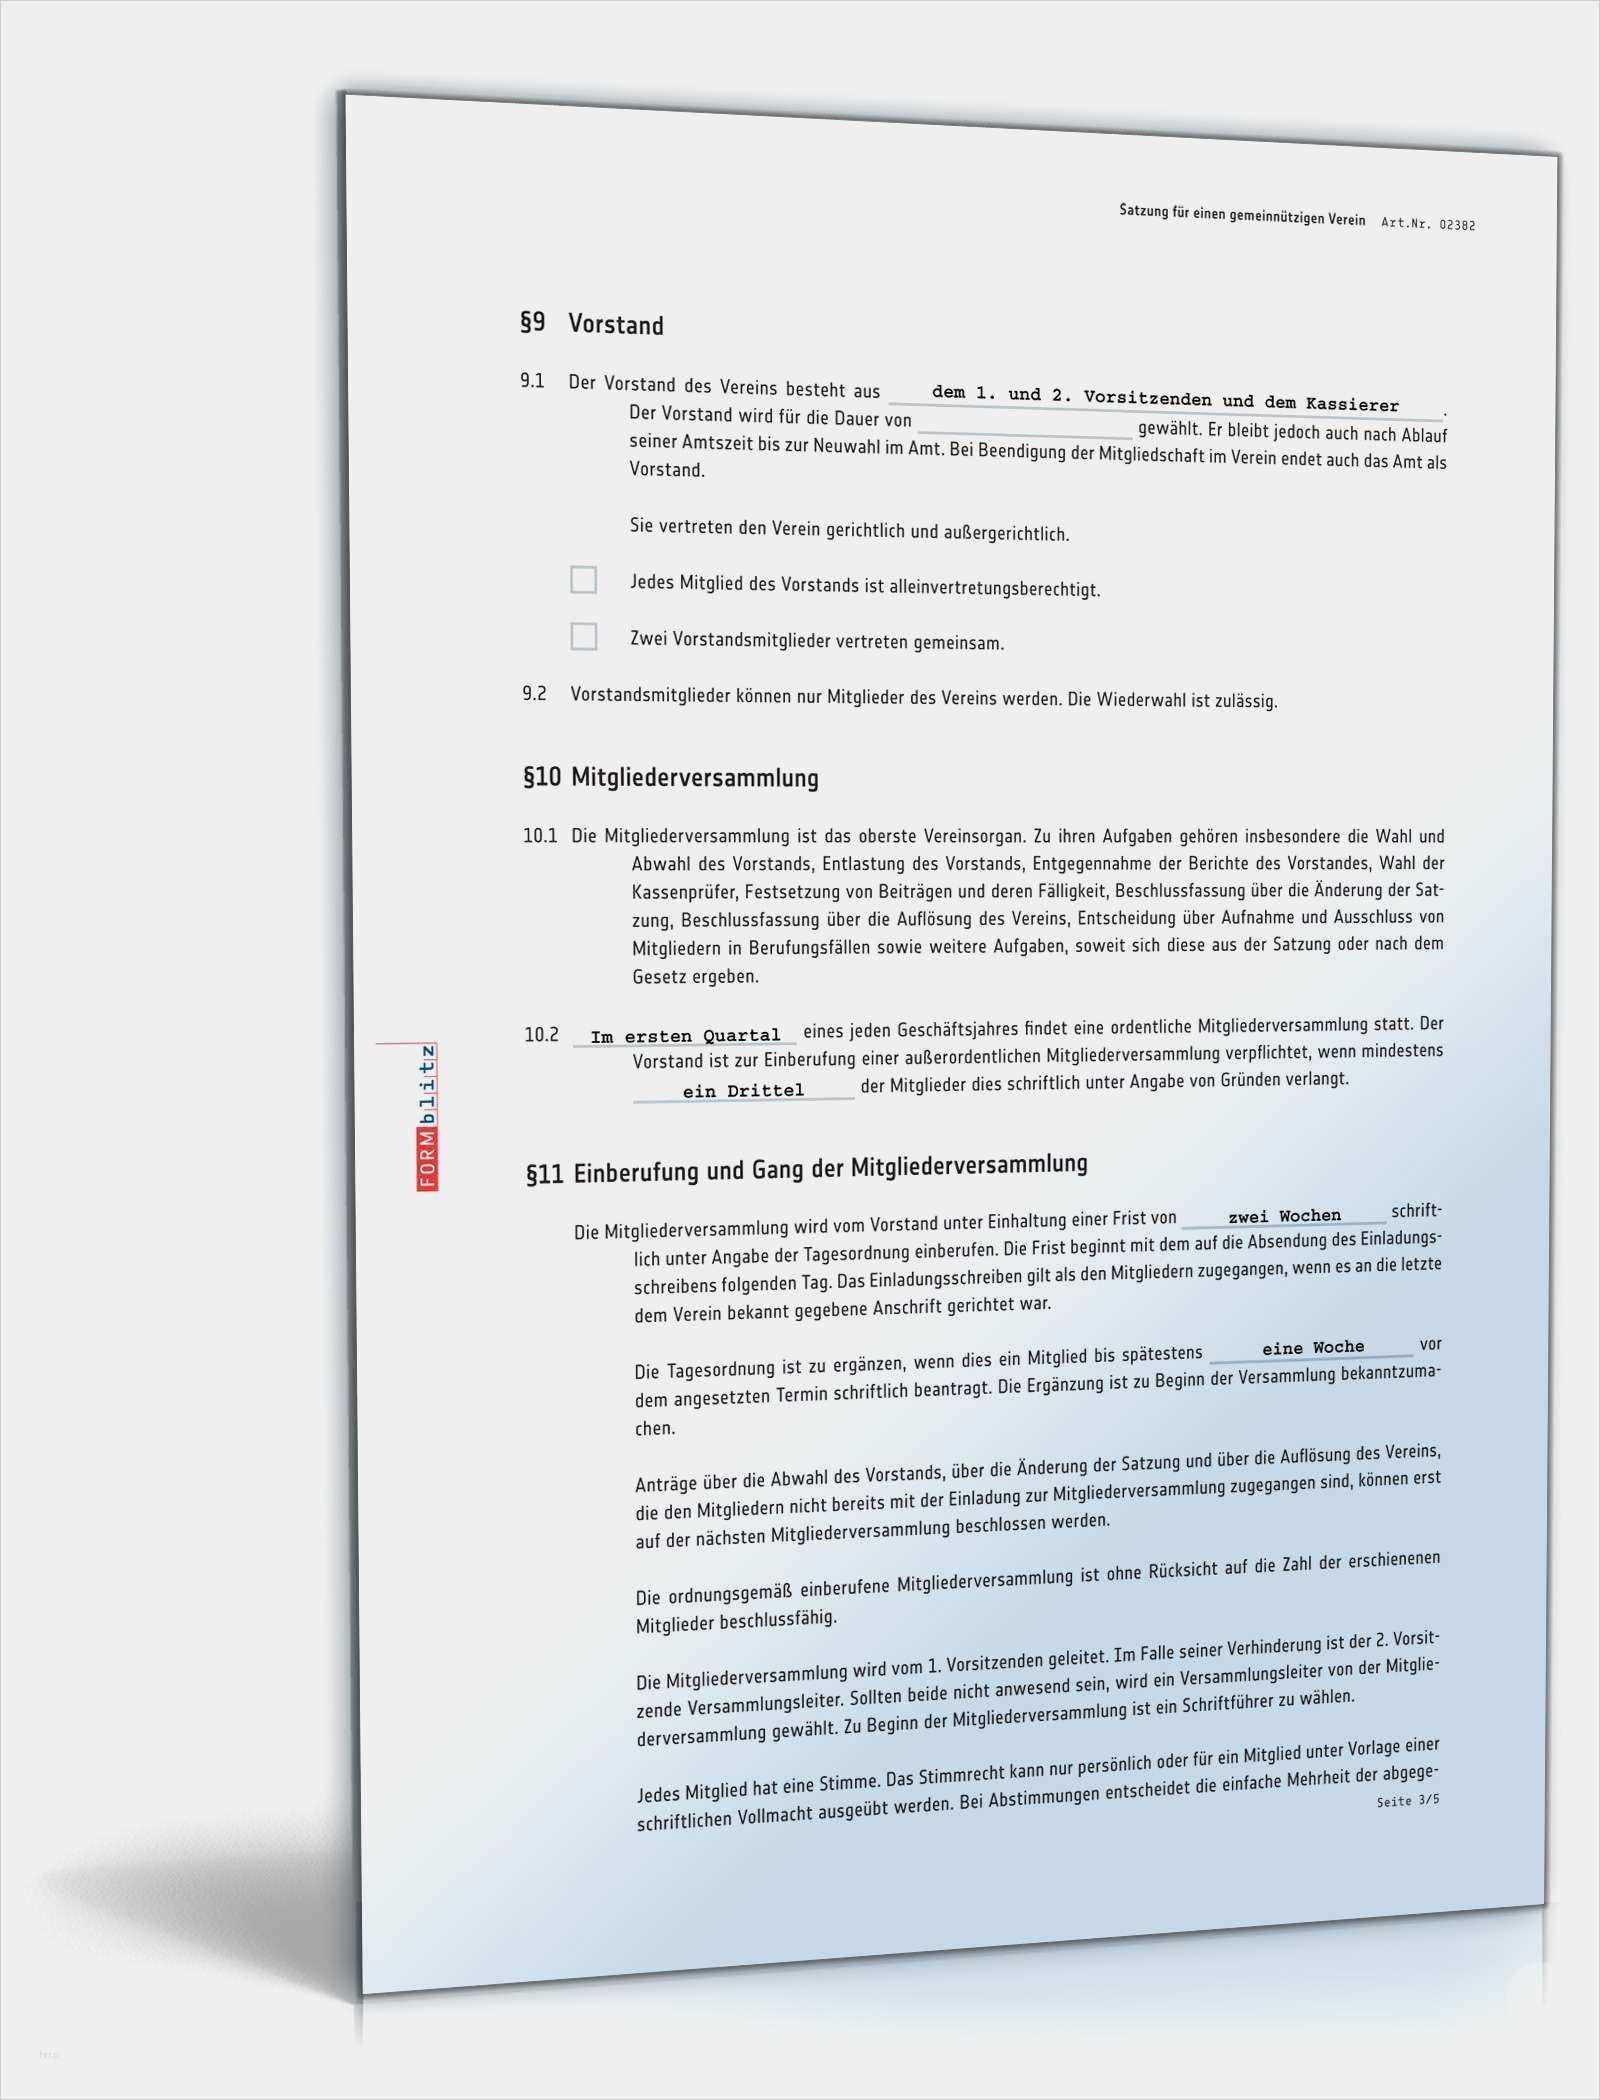 40 Schonste Kassenbericht Gemeinnutziger Verein Vorlage Ideen Vorlagen Lebenslauf Layout Rechnungsvorlage